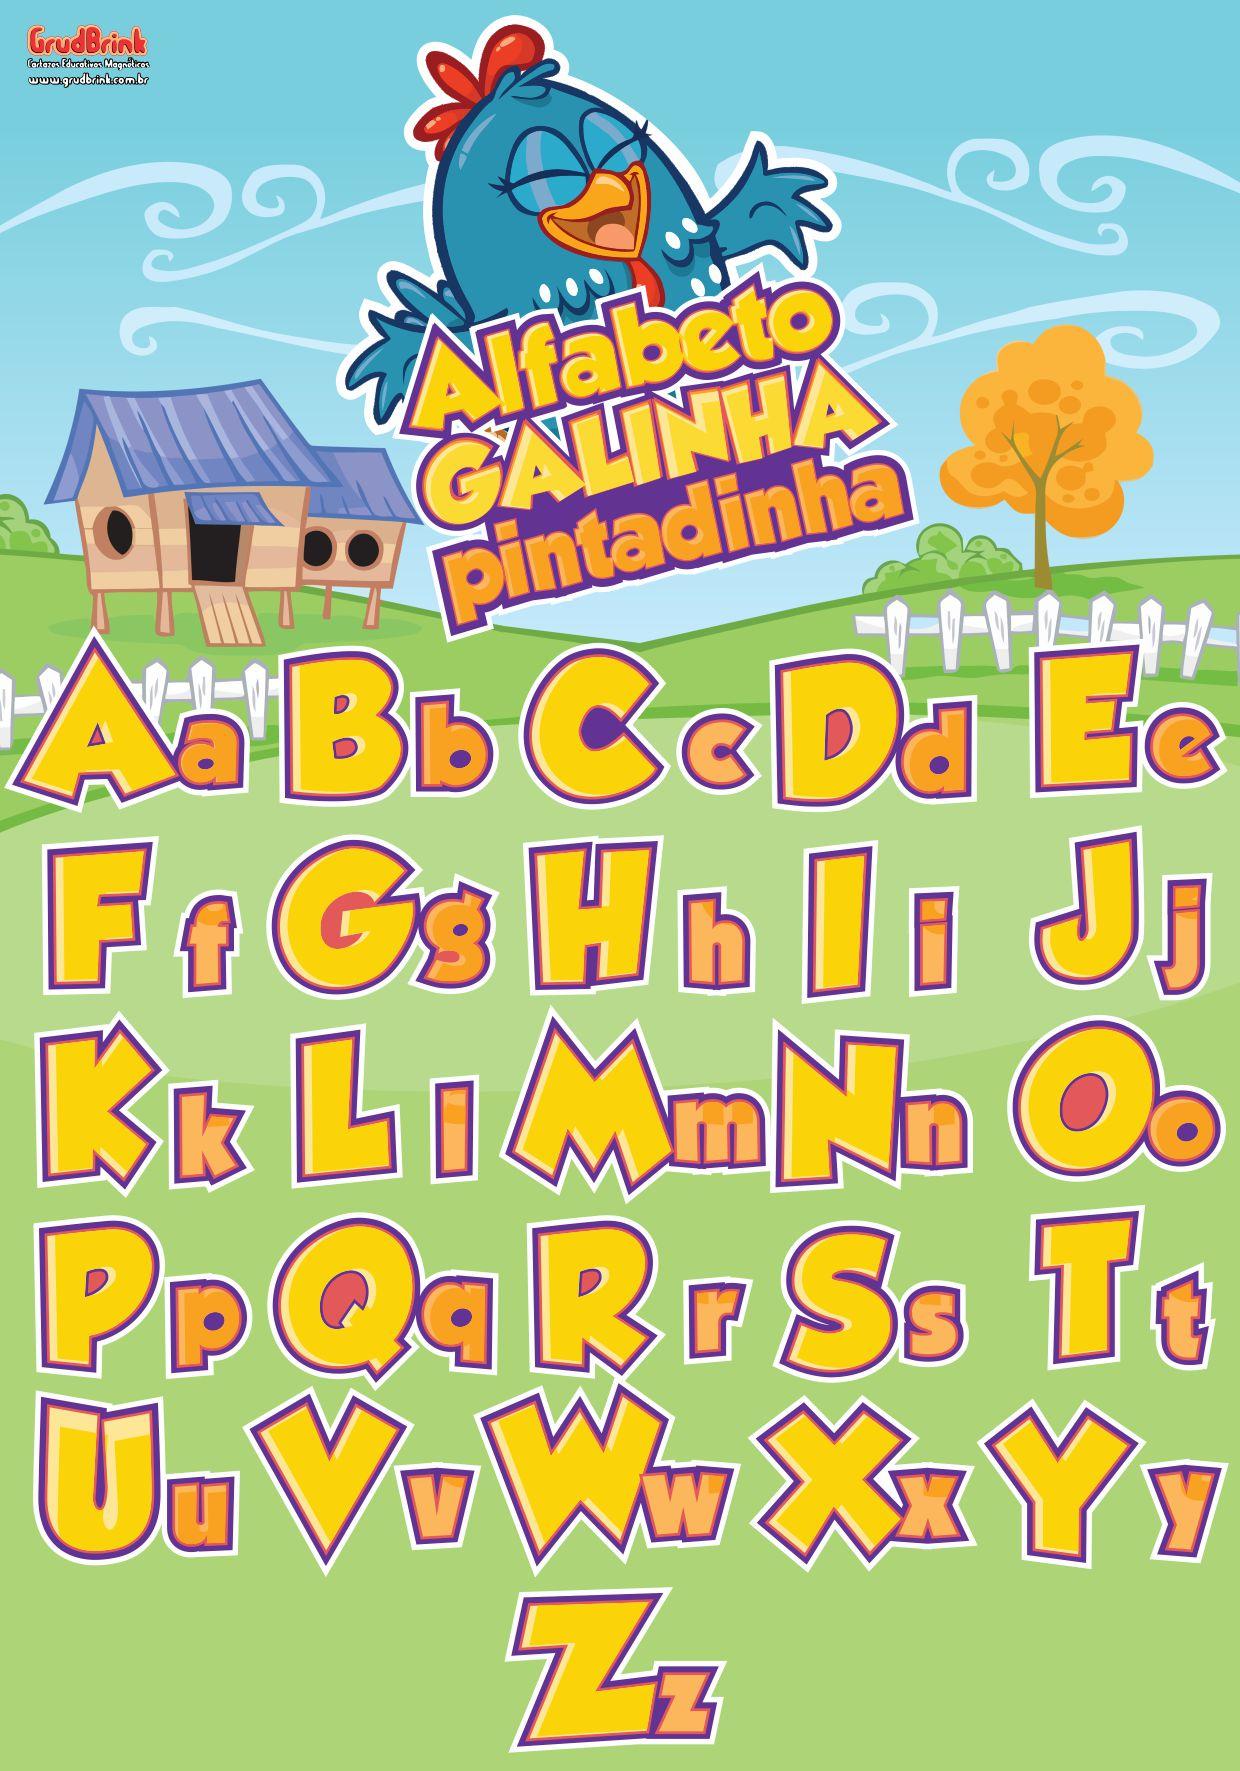 reforço escolar, decoração de sala de aula, painel de sala de aula, ensinar em casa, Educação infantil